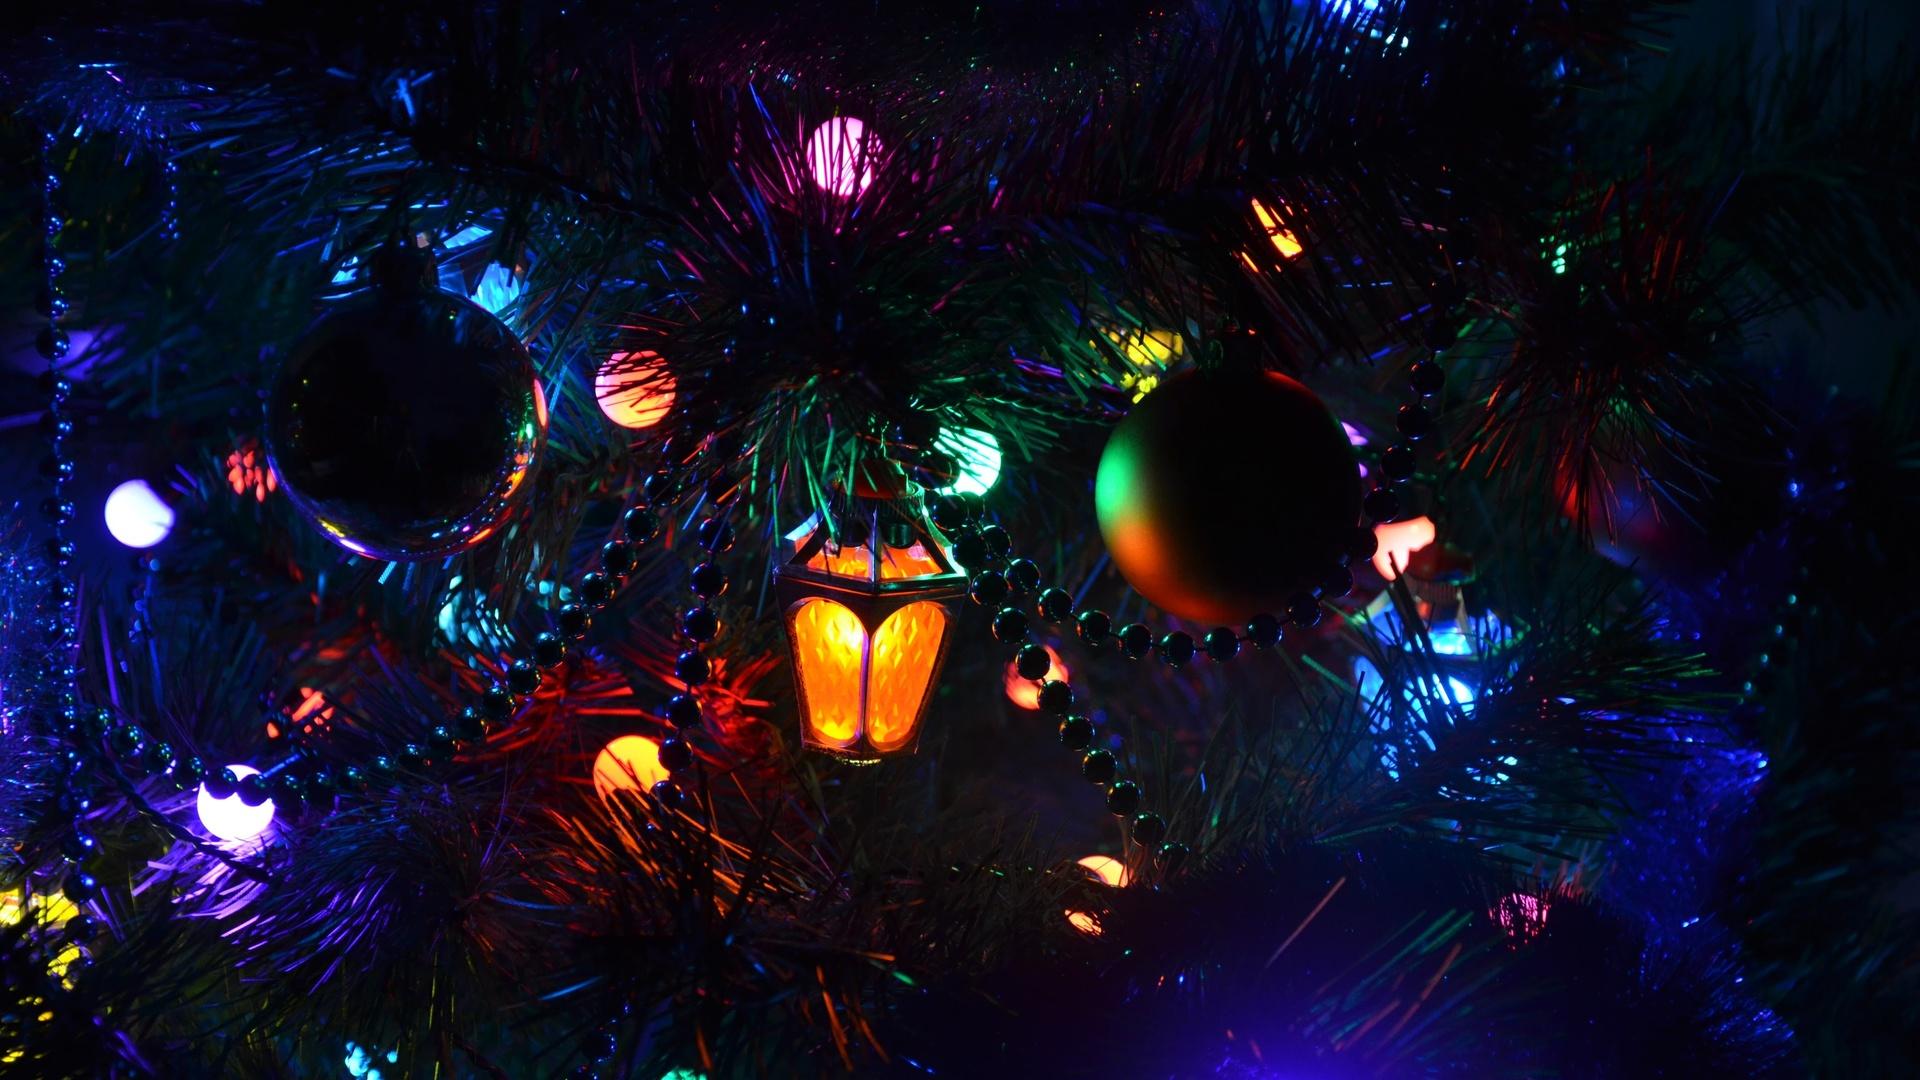 картинки нового года ночью вознаграждение труды